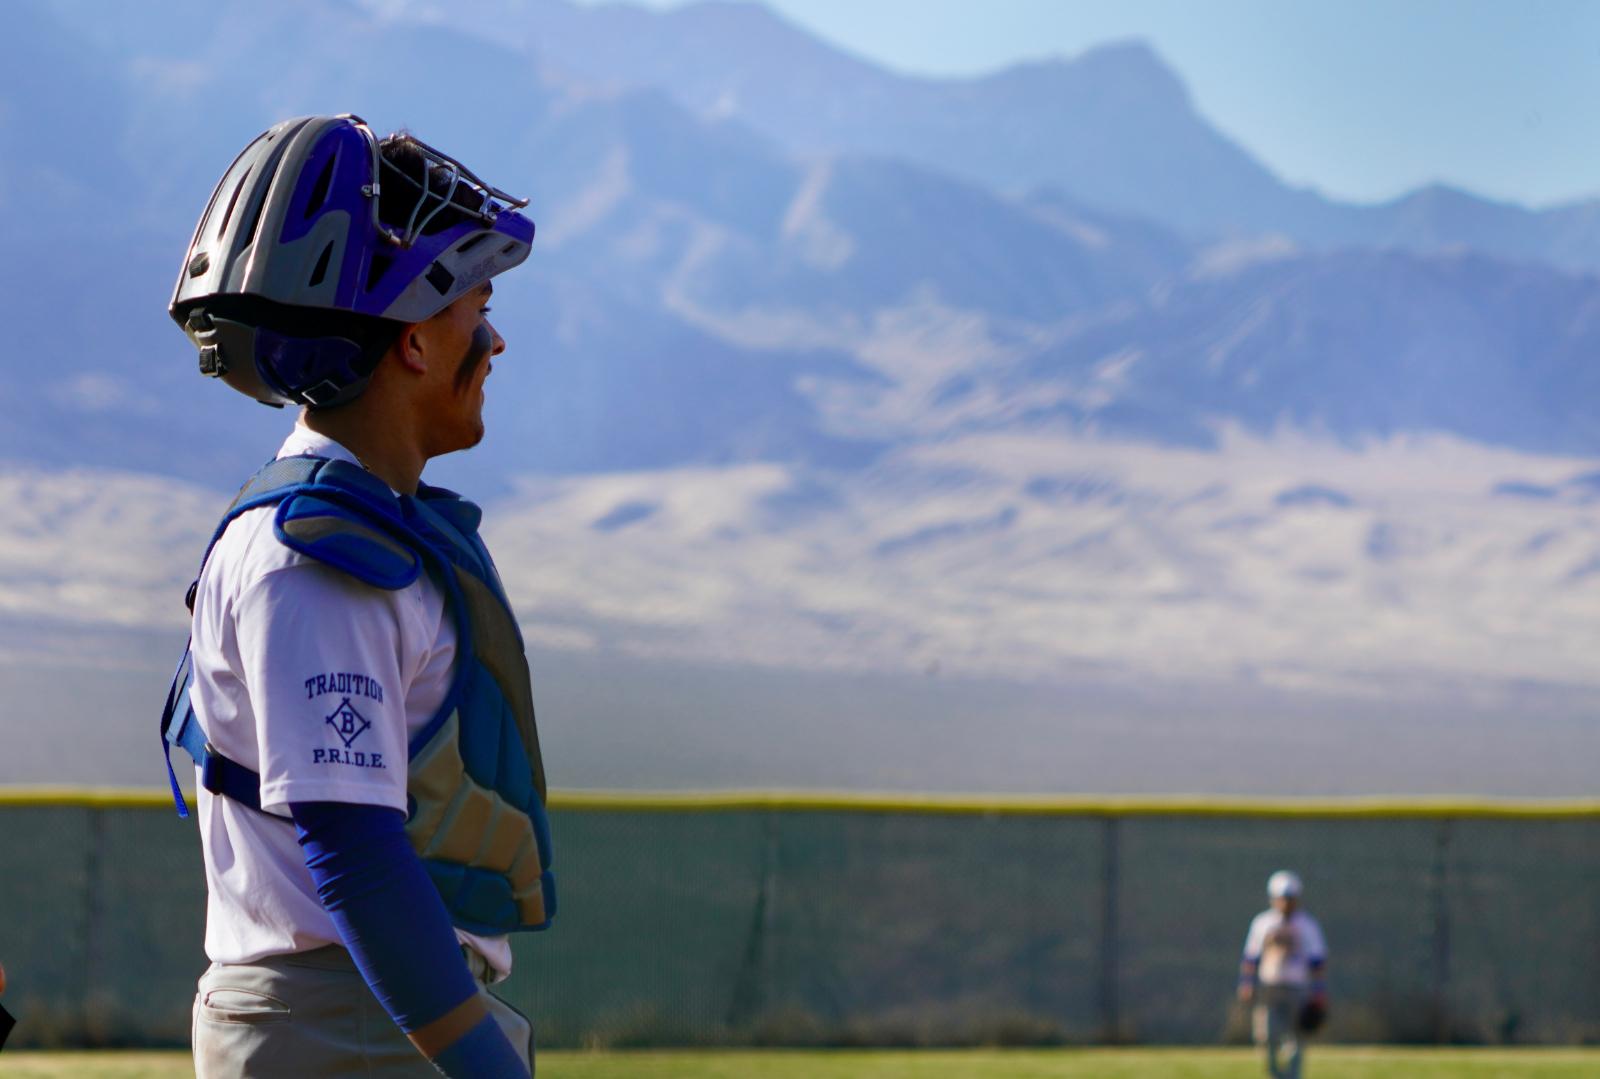 Baseball Summer Camp and Clinis